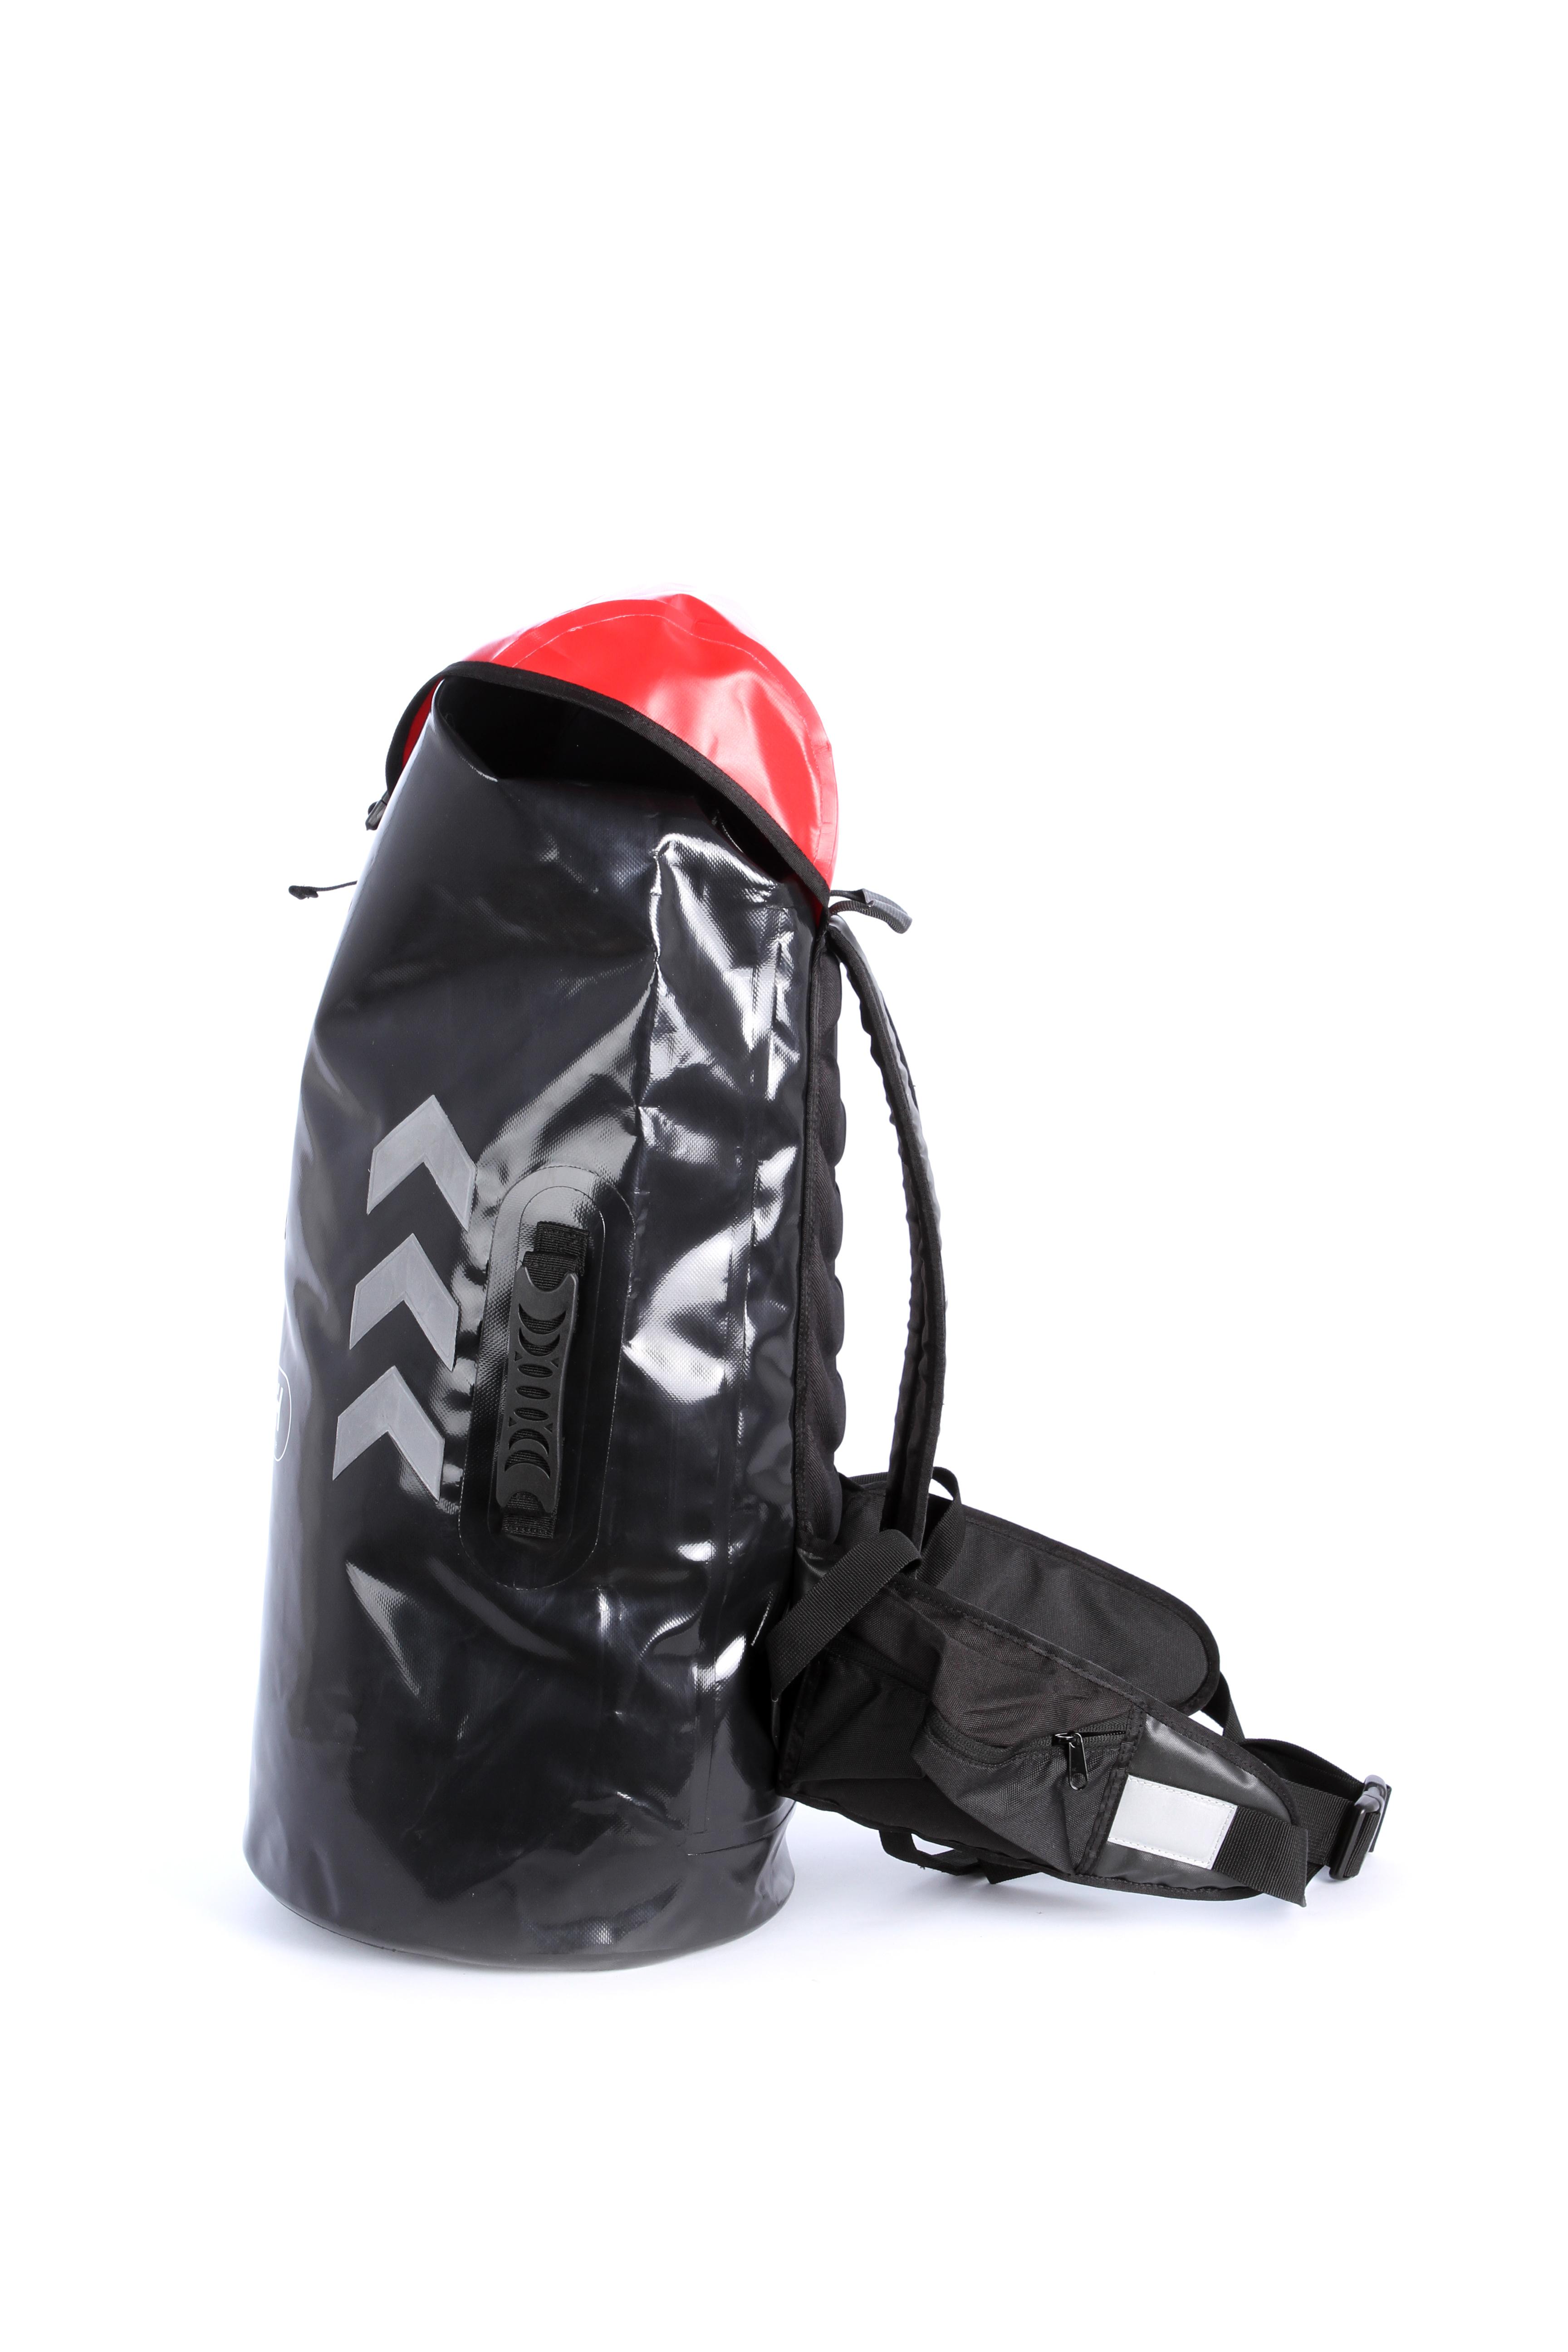 Waterproof Arborist Equipment and Rope Backpack Bag SE-SL-J006